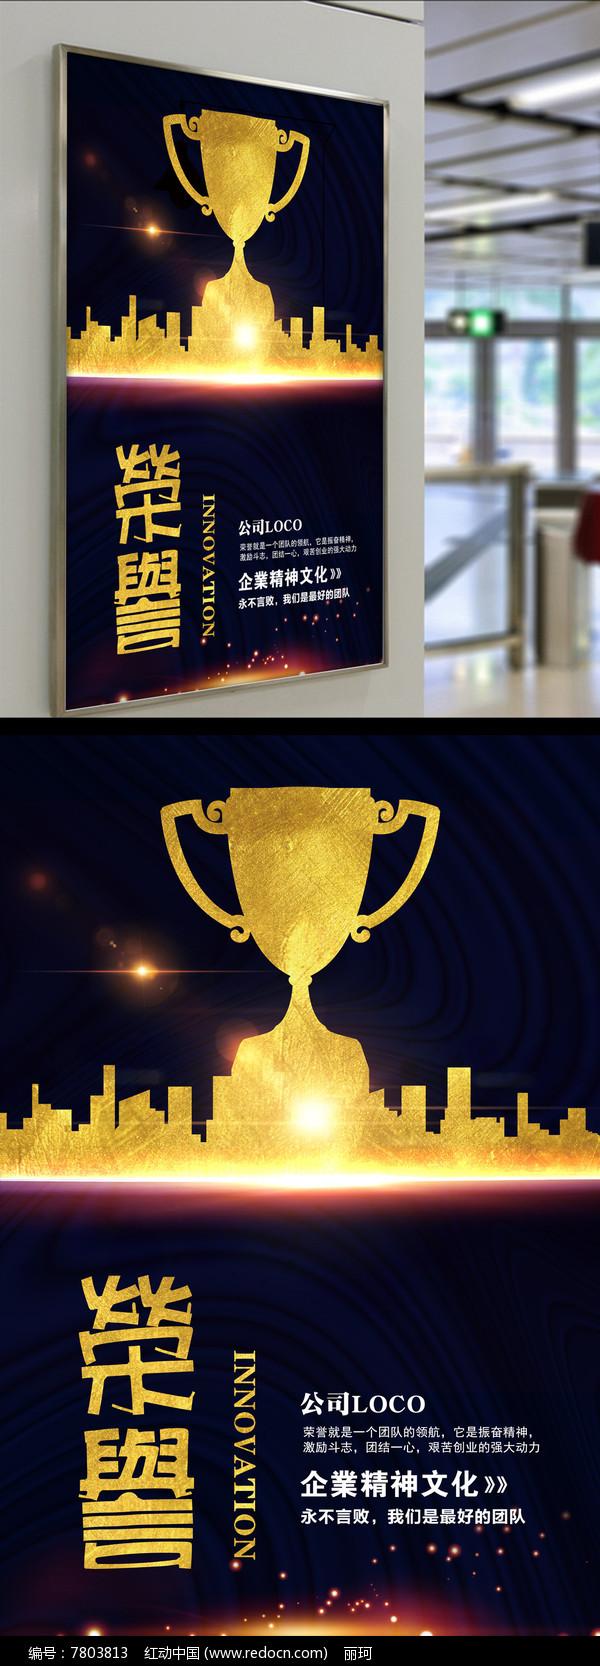 高端企业文化荣誉展板图片